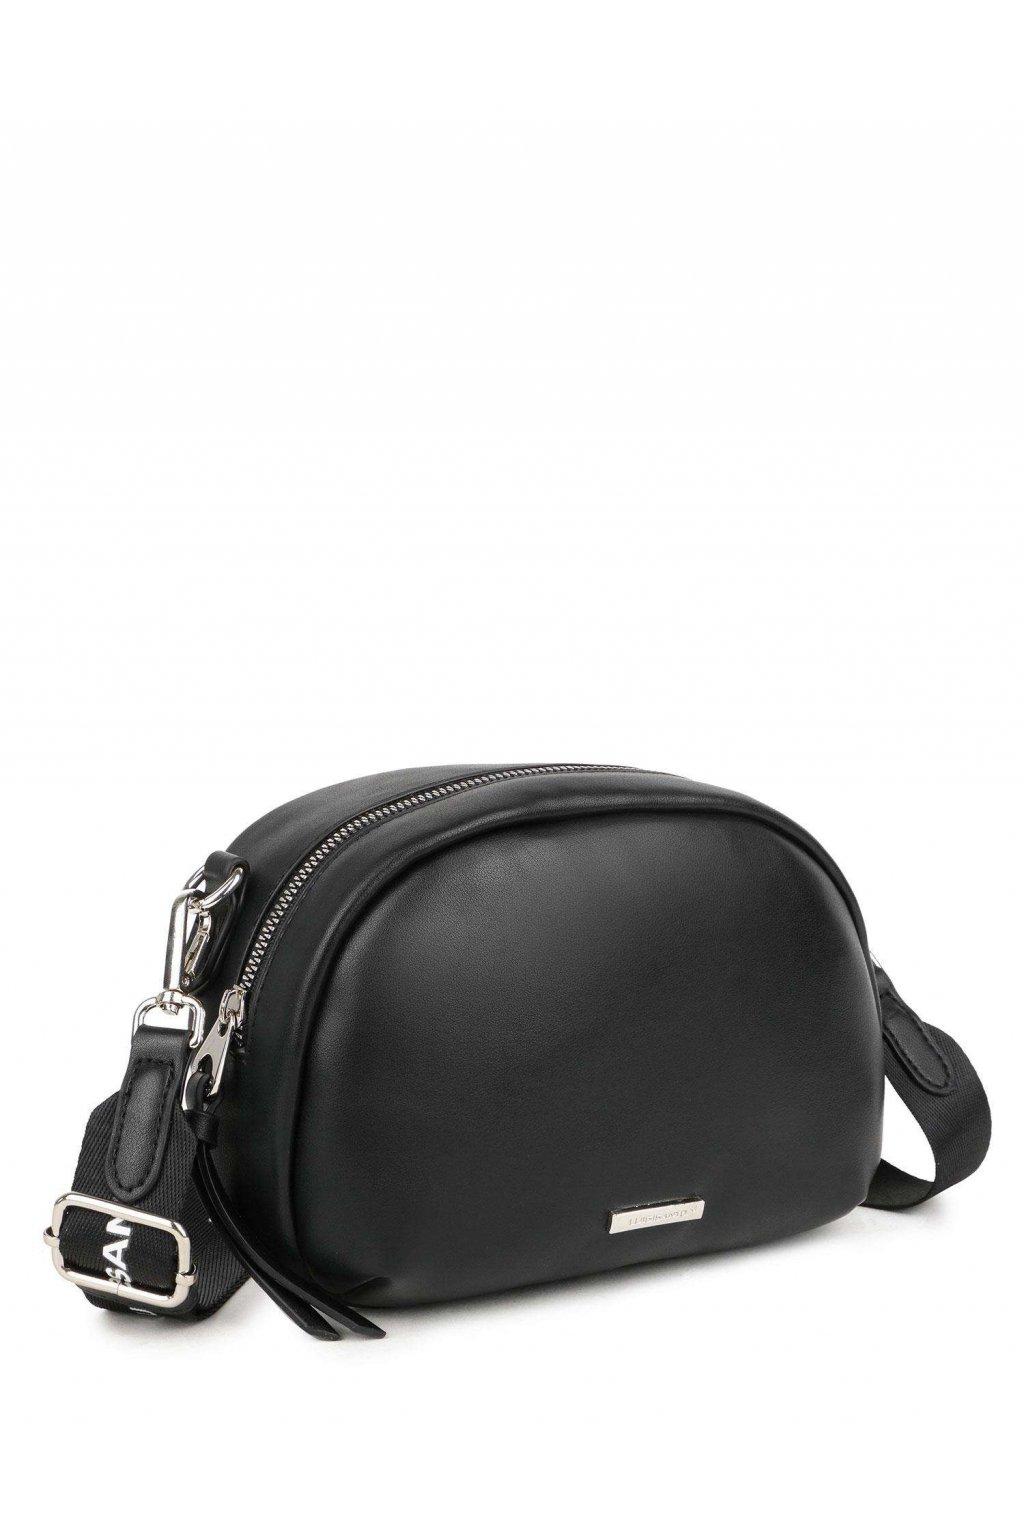 Crossbody kabelka čierna kód OW-TR-6000